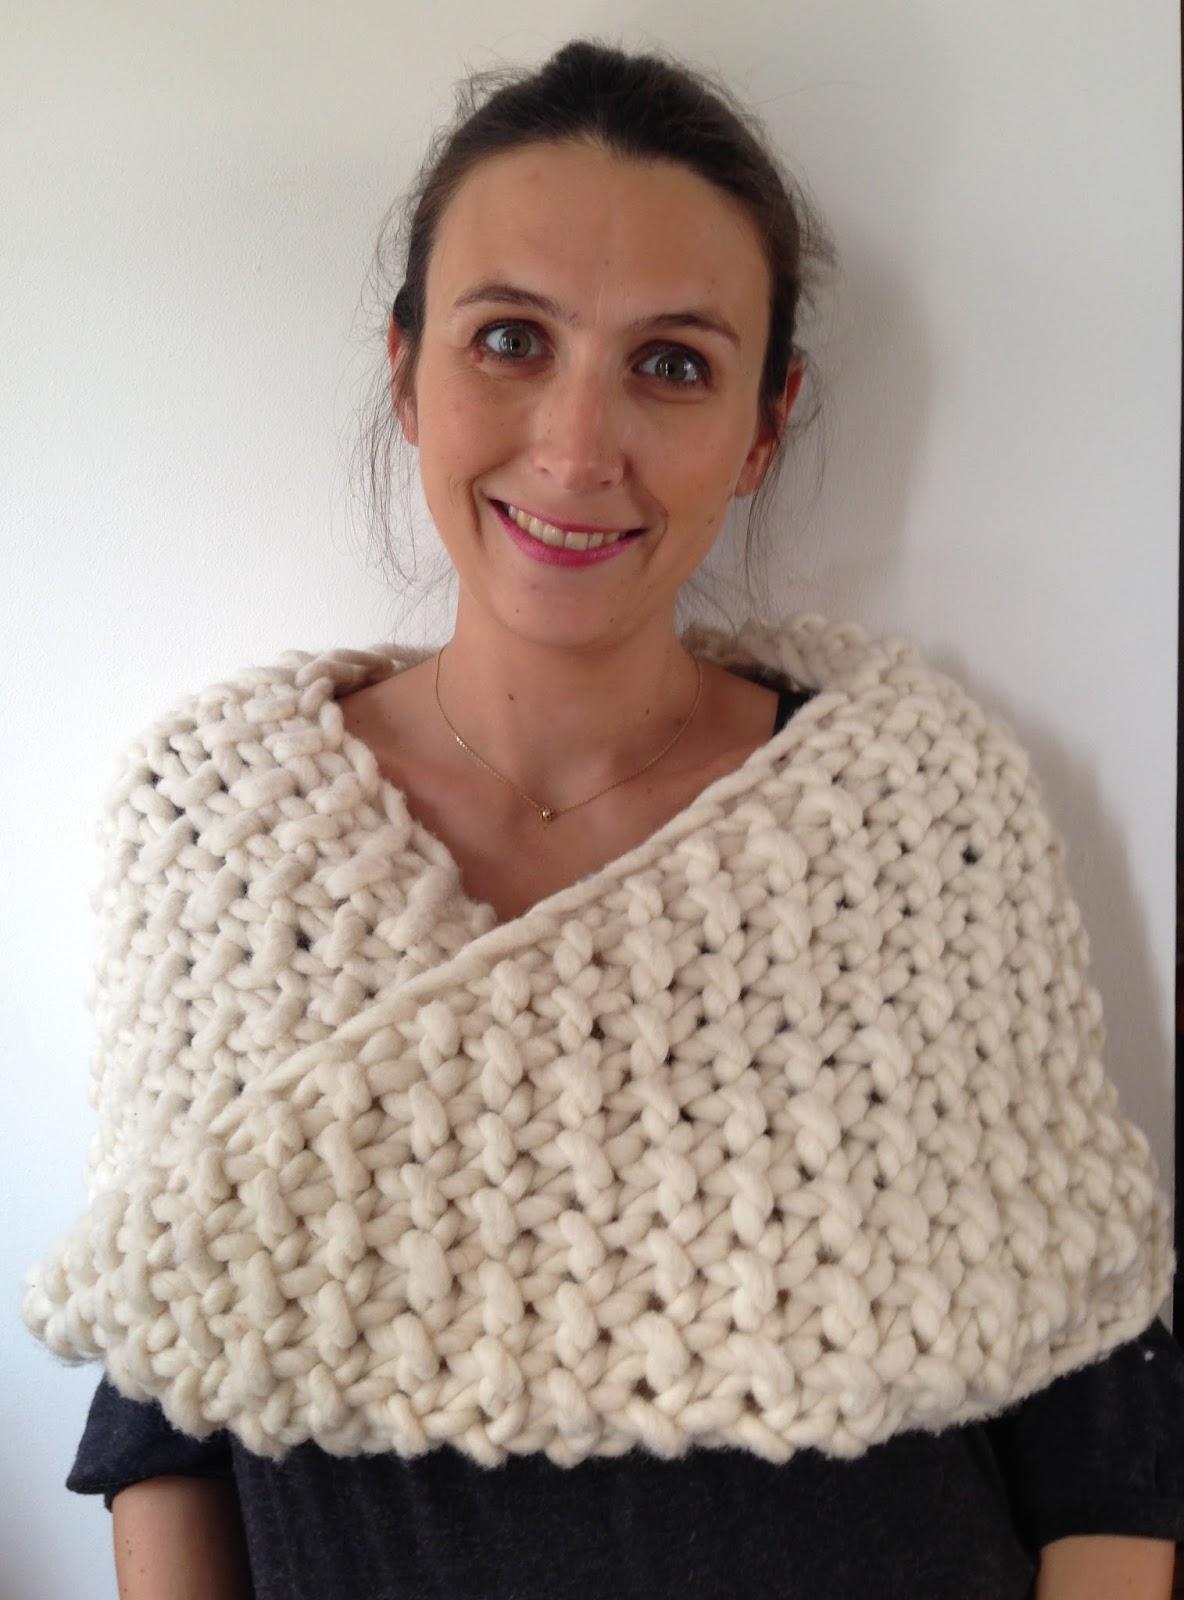 7f5b64831fc1 aufildesenvies  Modèle gratuit   un chauffe épaule ou col à tricoter ...